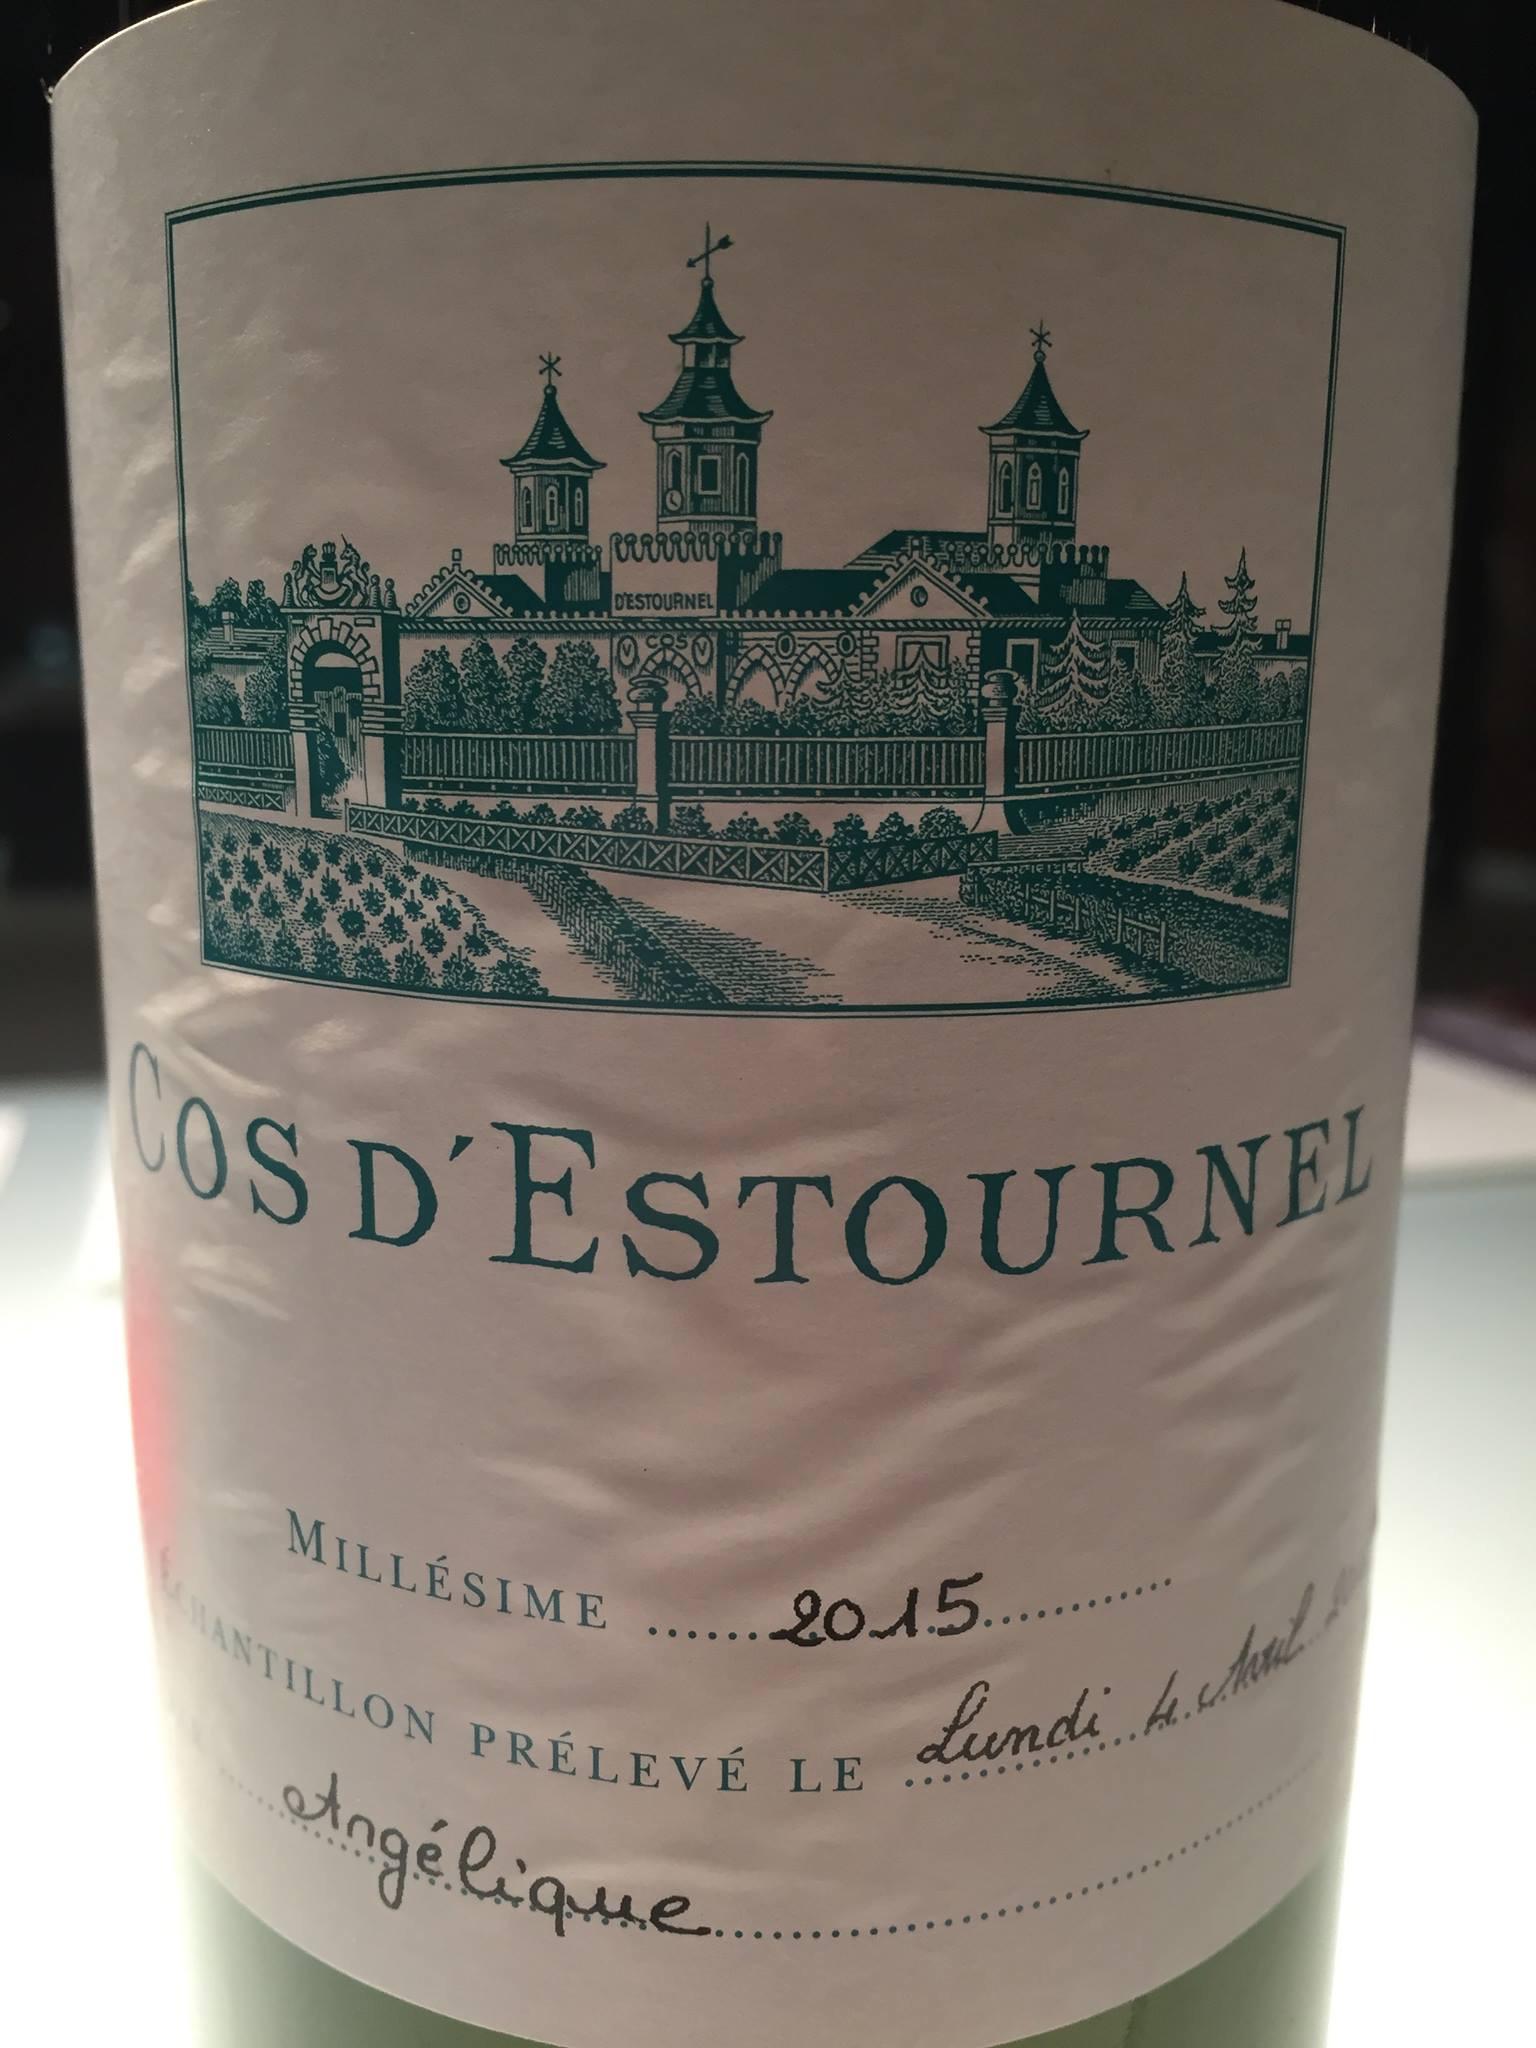 Château Cos d'Estournel 2015 – Bordeaux